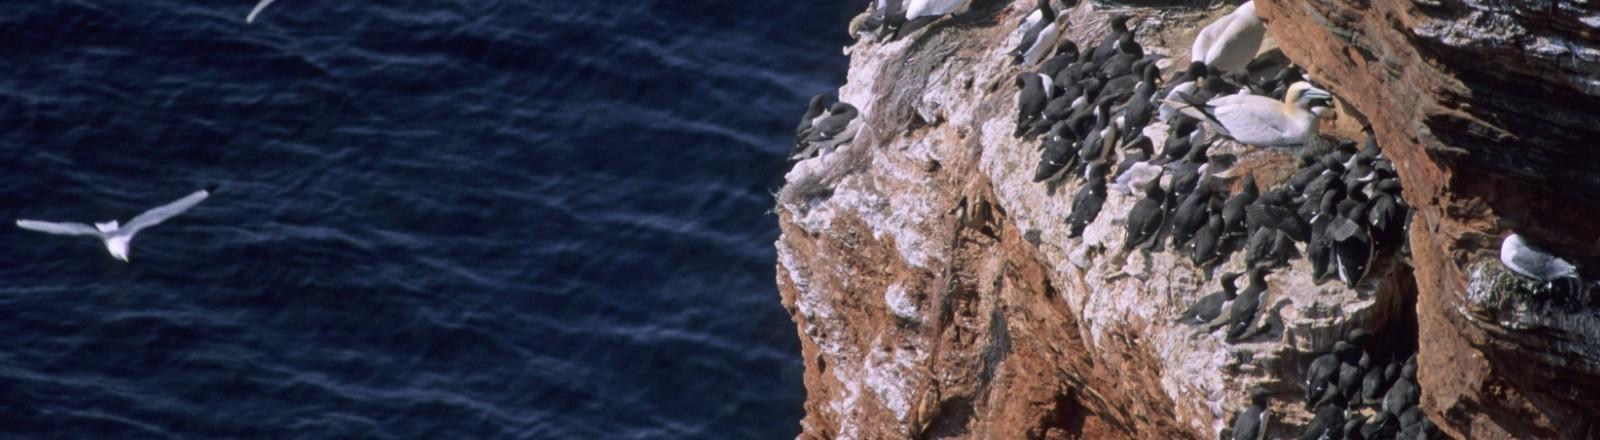 Trottellummen an einem Felsvorsprung auf Helgoland